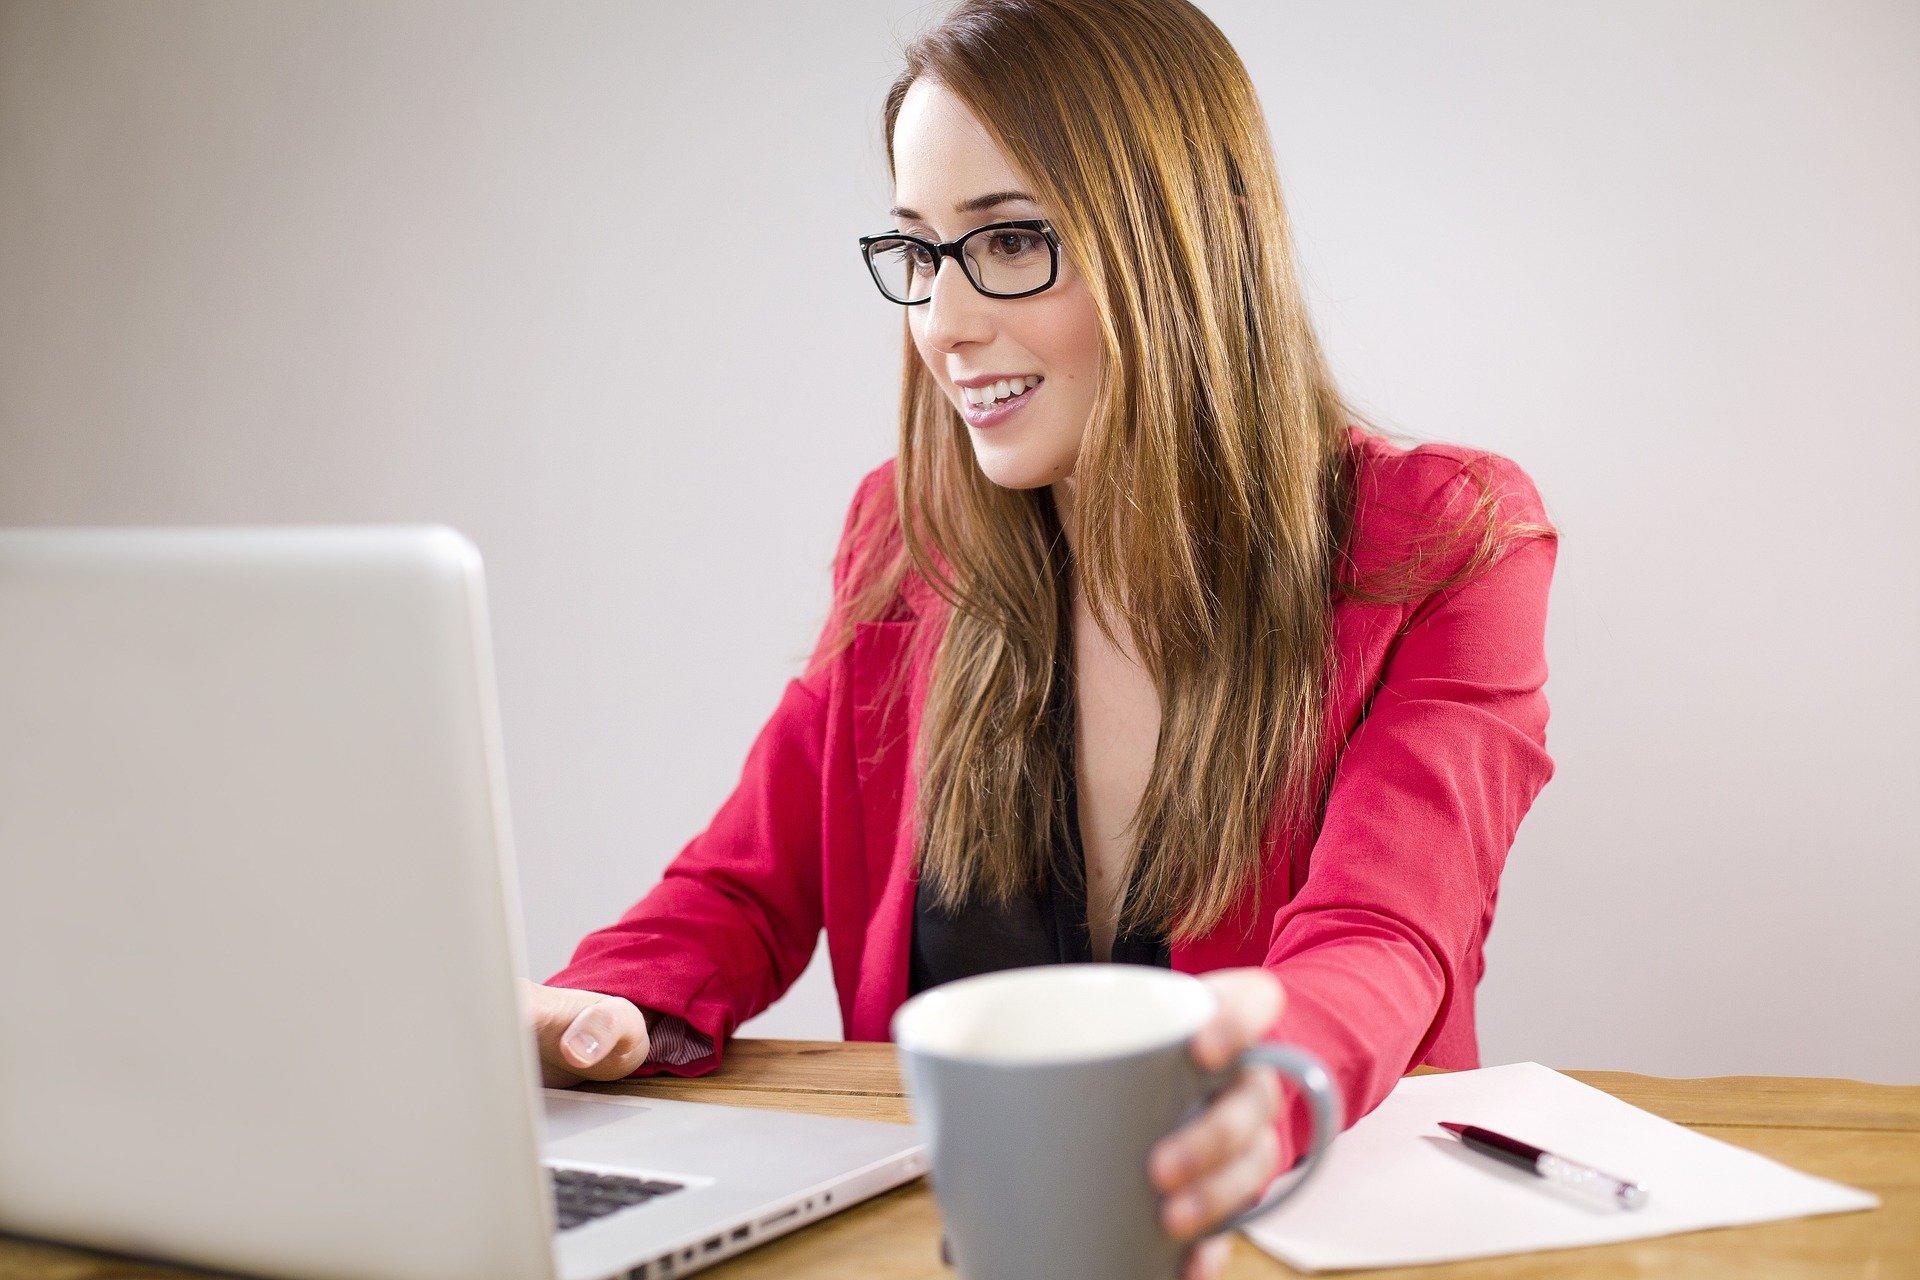 Psicologa online per italiani all'estero